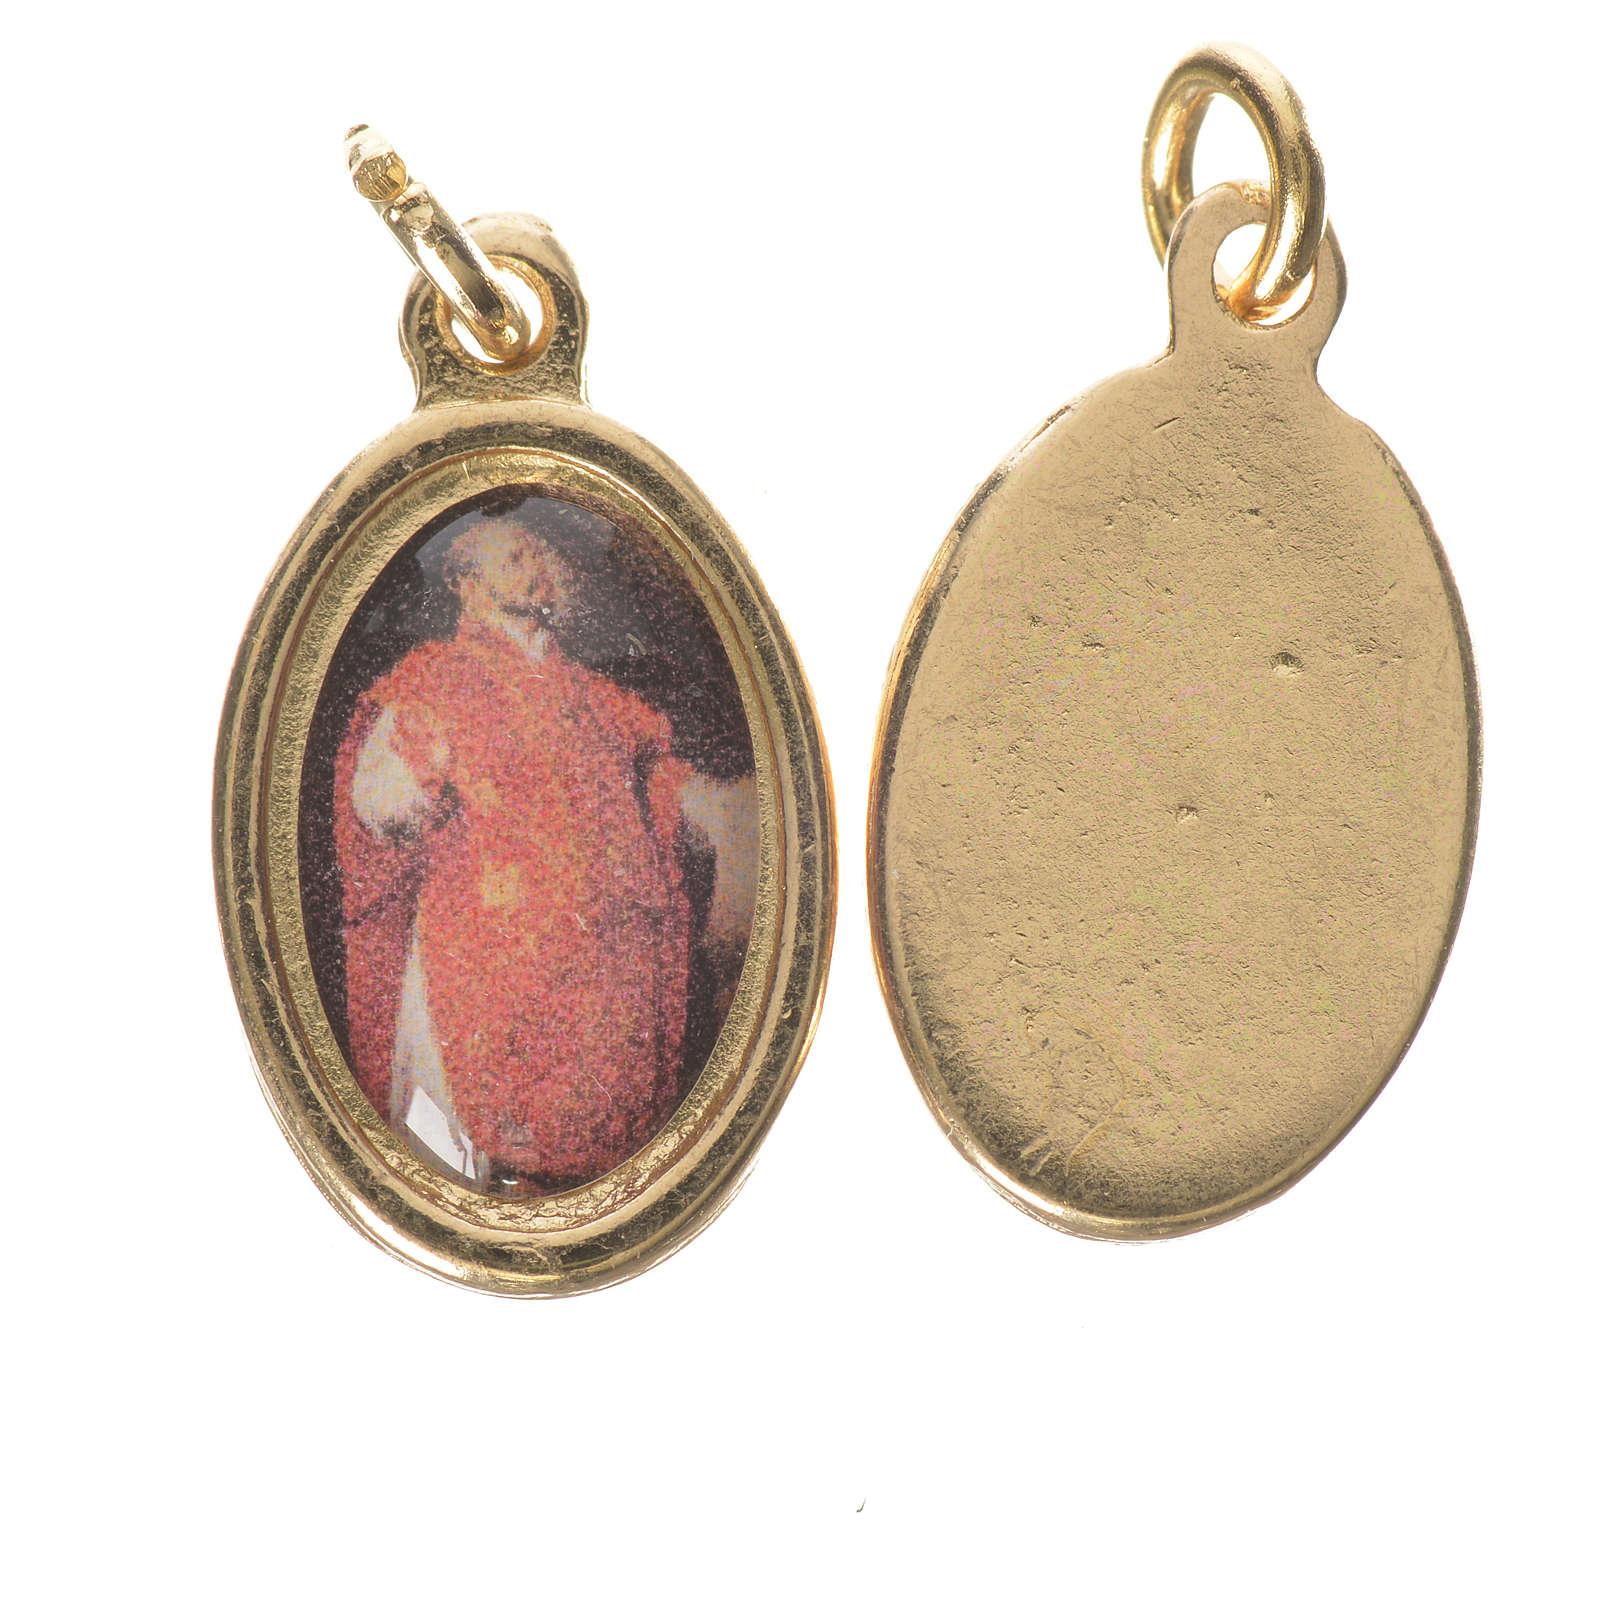 Saint Ignatius of Loyola medal in golden metal, 1.5cm 4